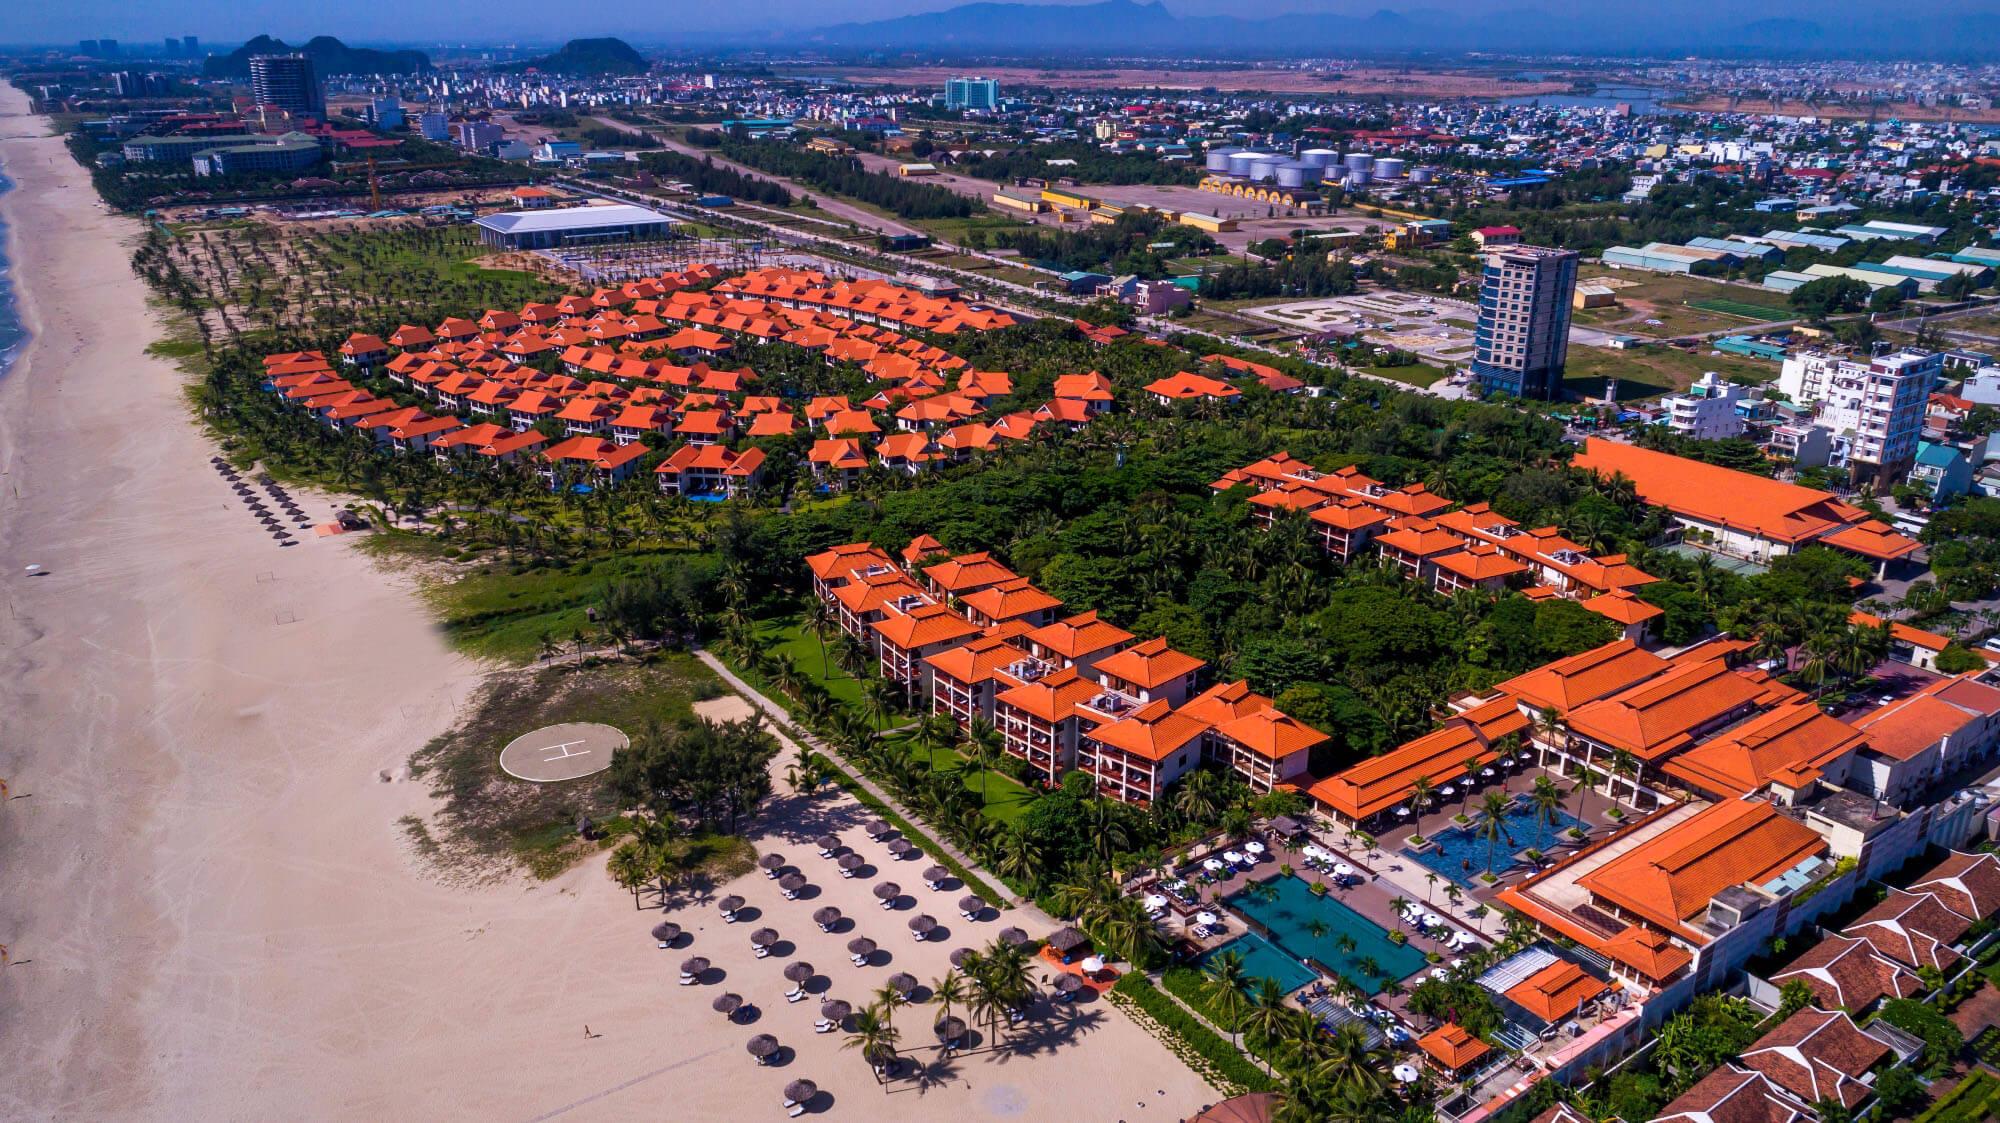 Resort Furama 5 sao tại Đà nẵng